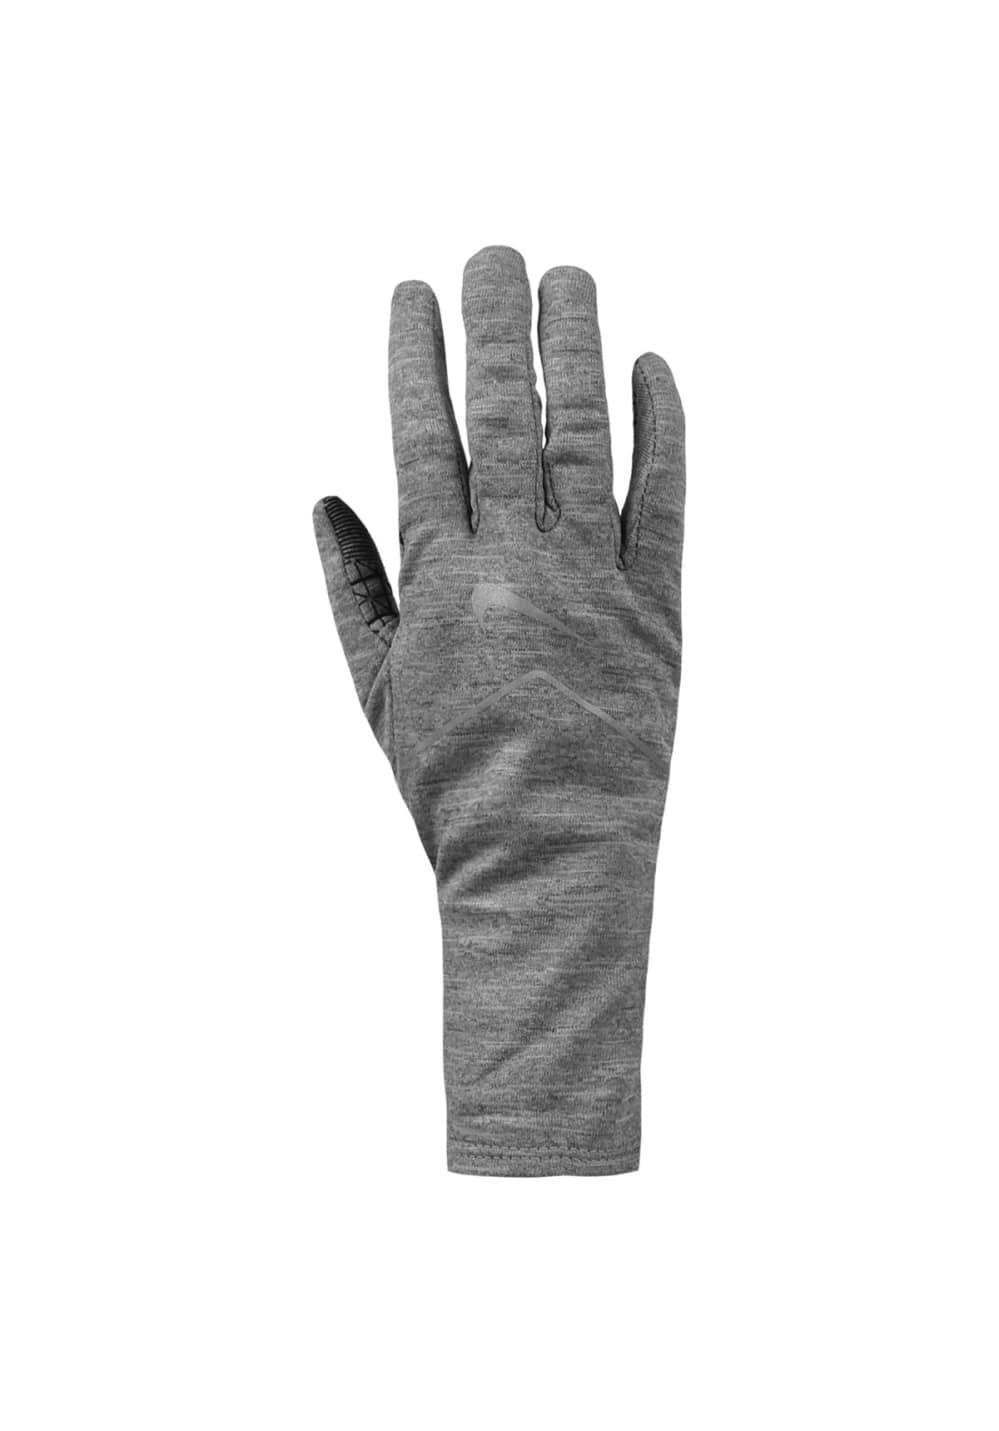 Handschuhe für Frauen - Nike Sphere Running Gloves Laufhandschuhe für Damen Grau  - Onlineshop 21Run